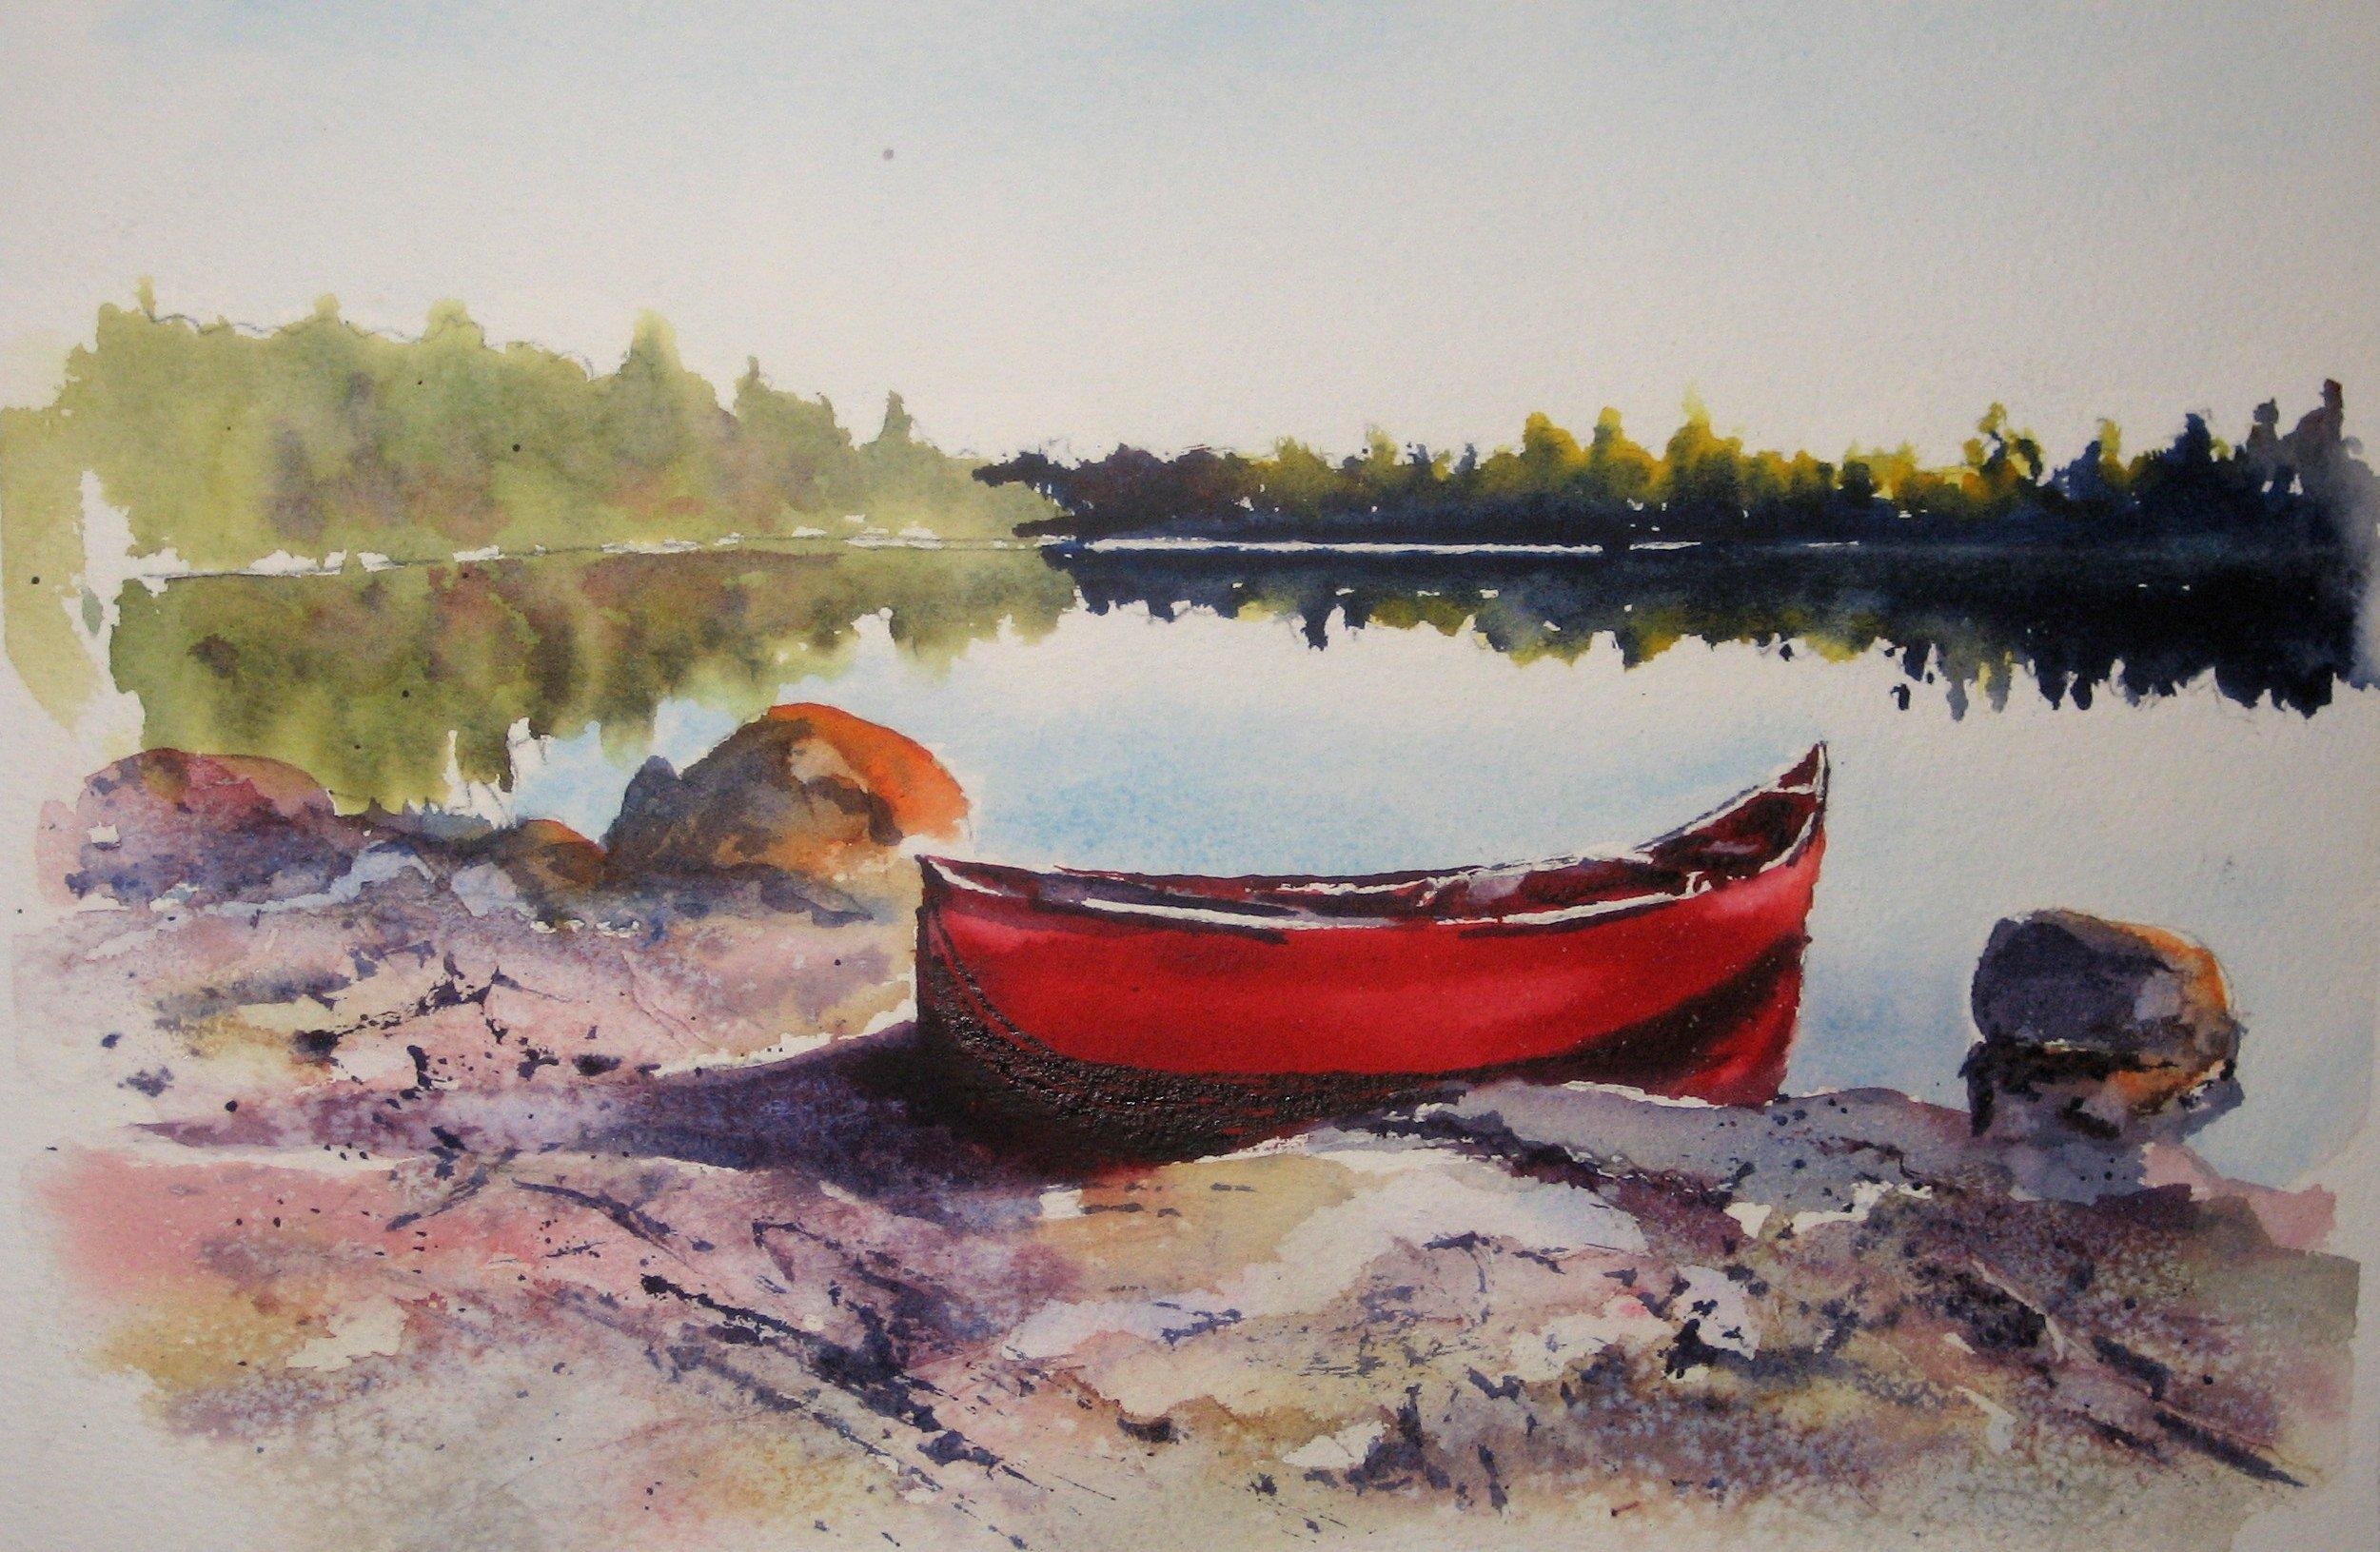 https://0201.nccdn.net/1_2/000/000/0a0/558/Minnesota-canoe-2501x1631.jpg